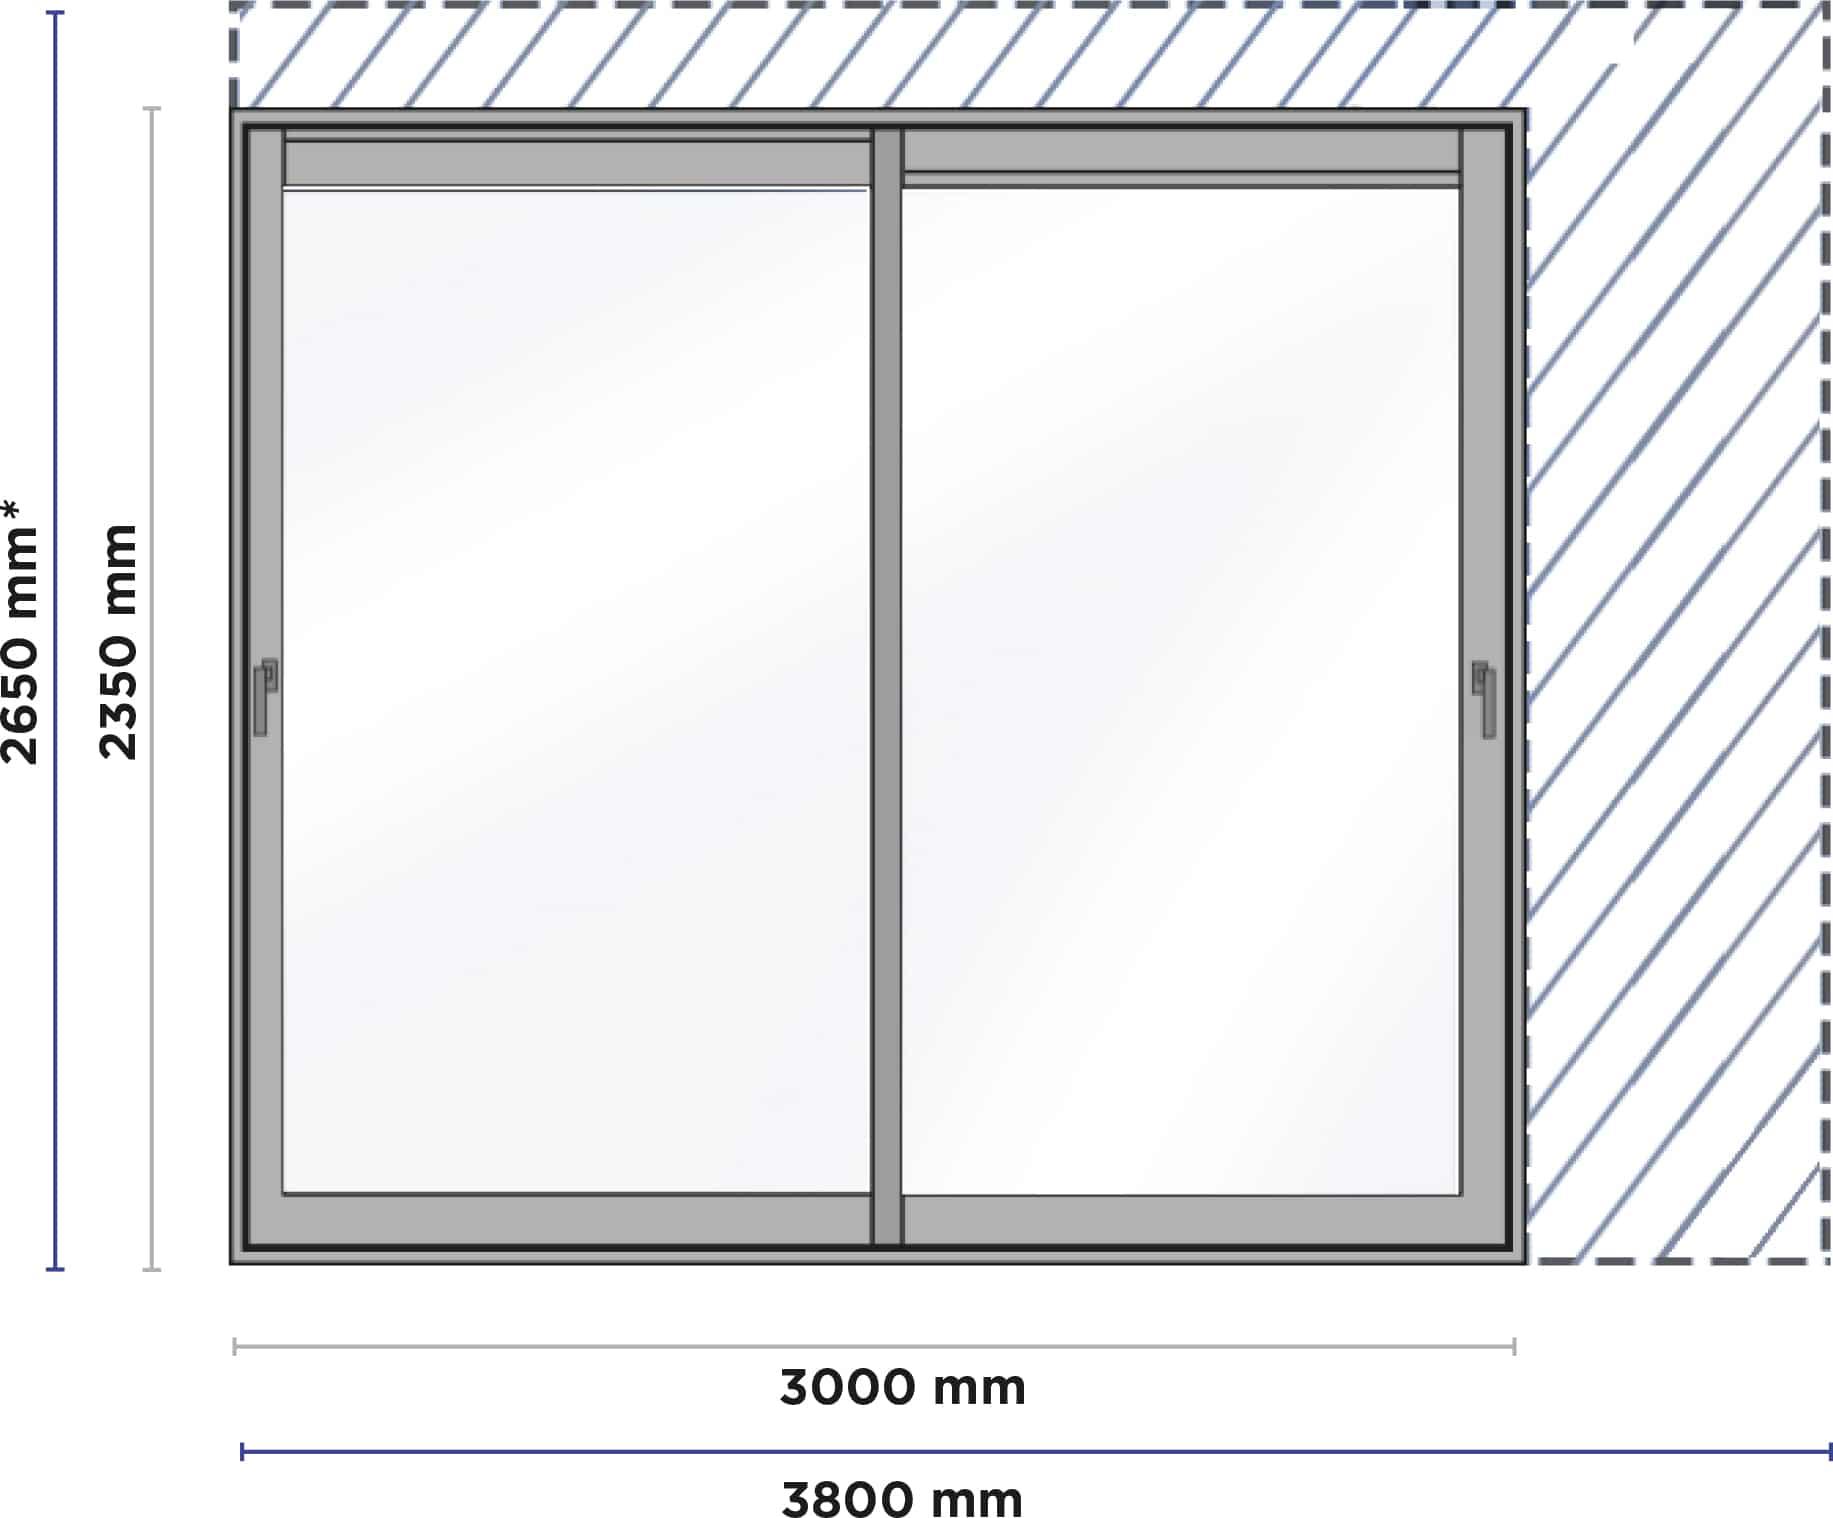 schéma-grandes-dimensions-2-rails-SYBAIE